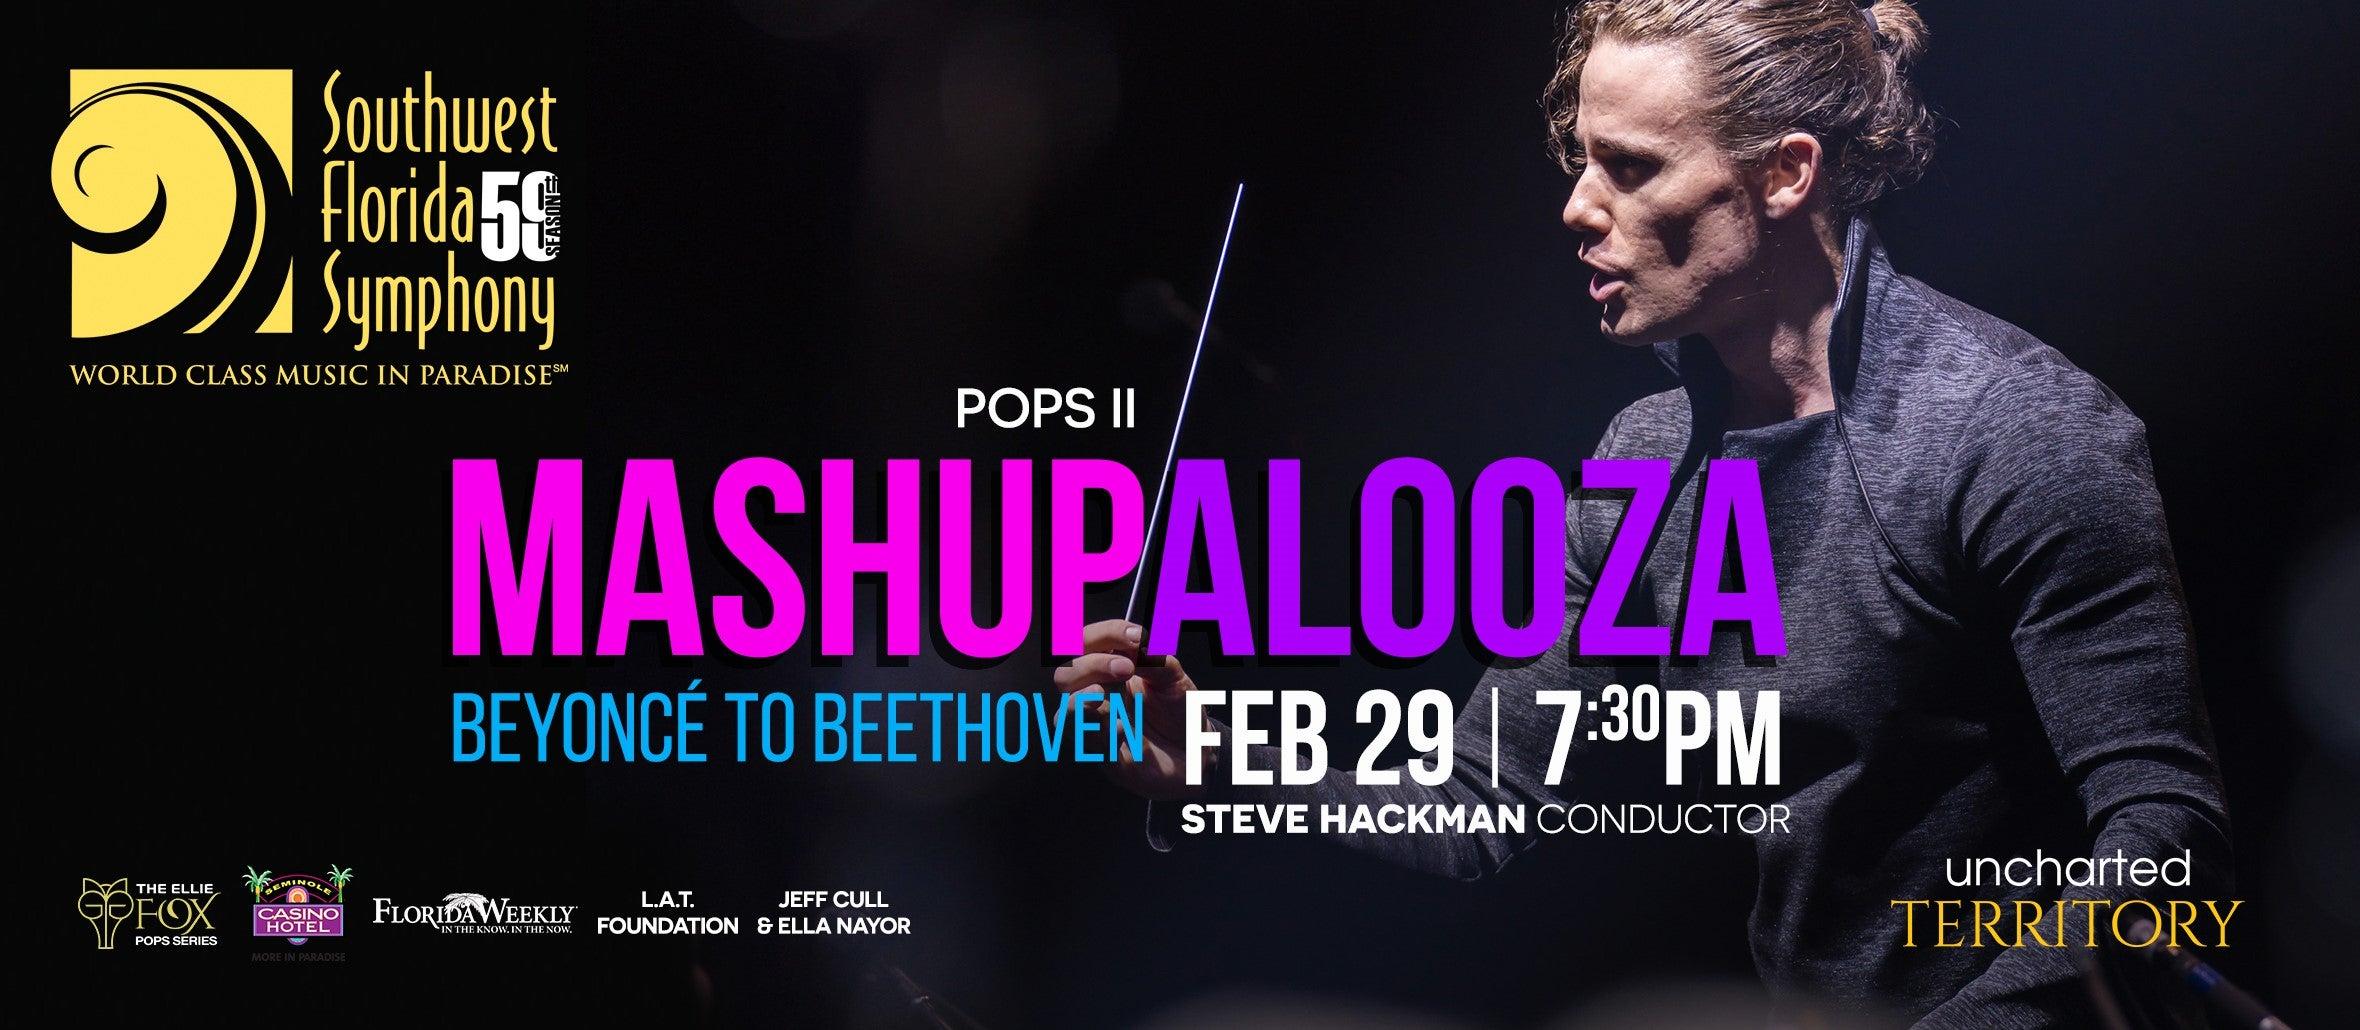 Southwest Florida Symphony POPS2 - Mashupalooza